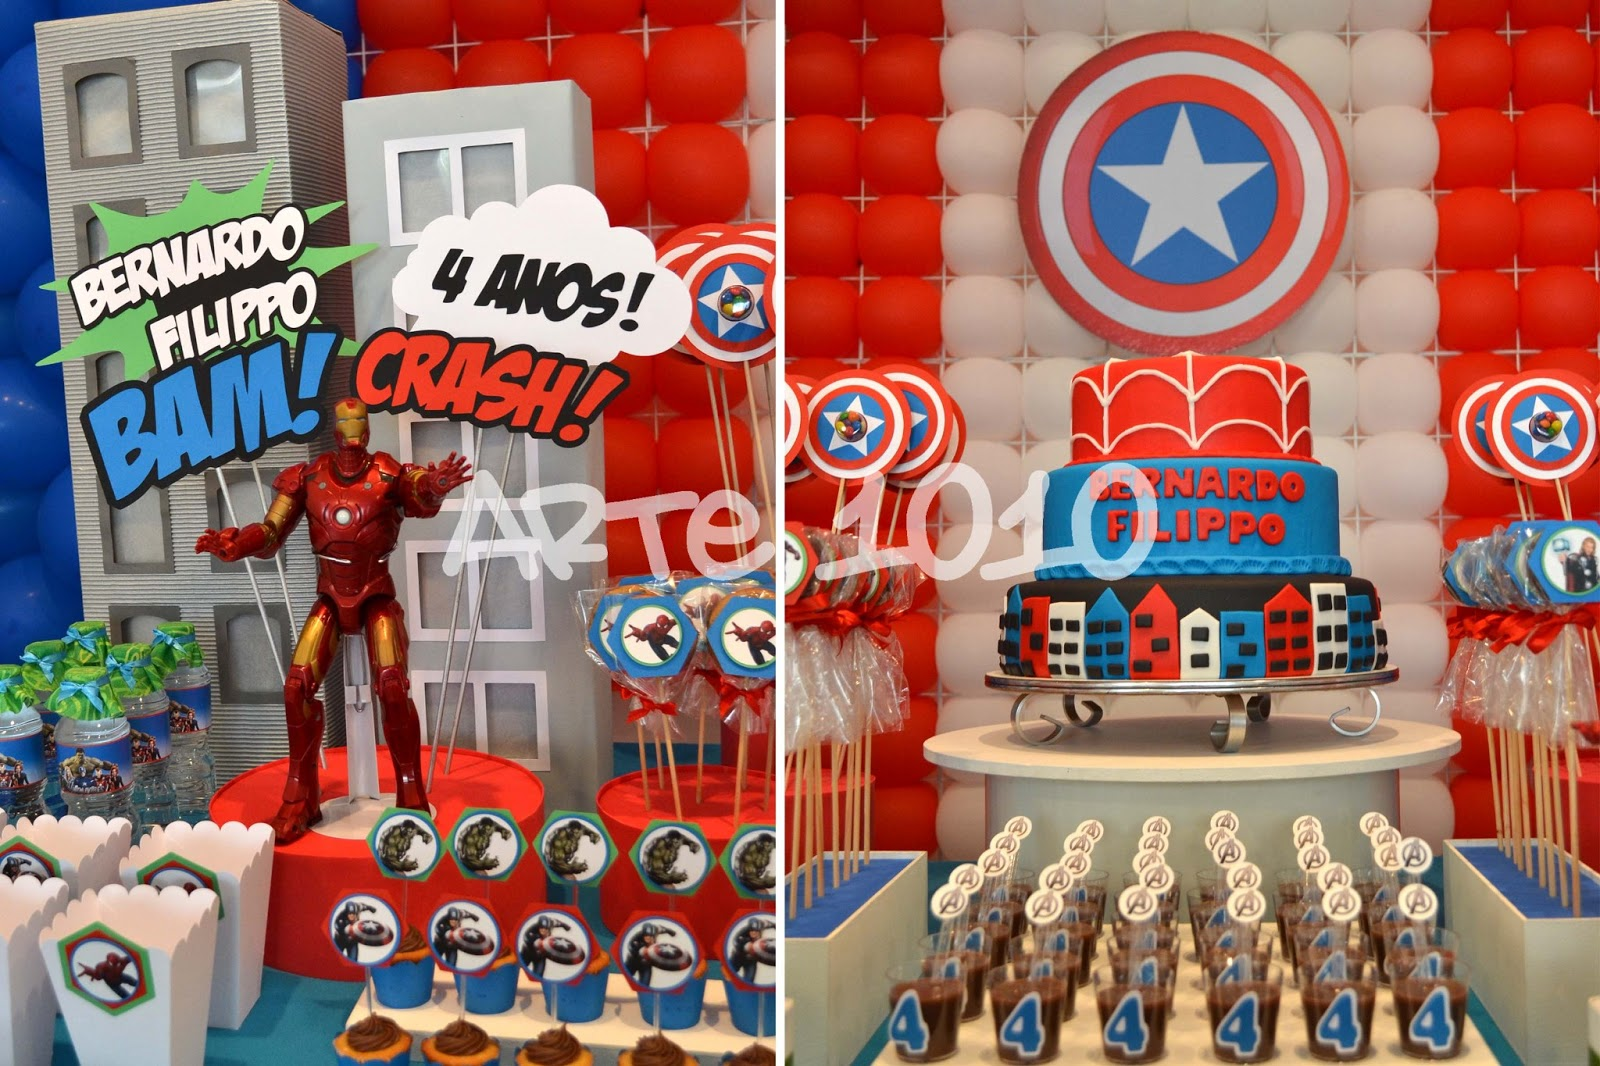 Arte 1010 Festa Vingadores com Homem Aranha